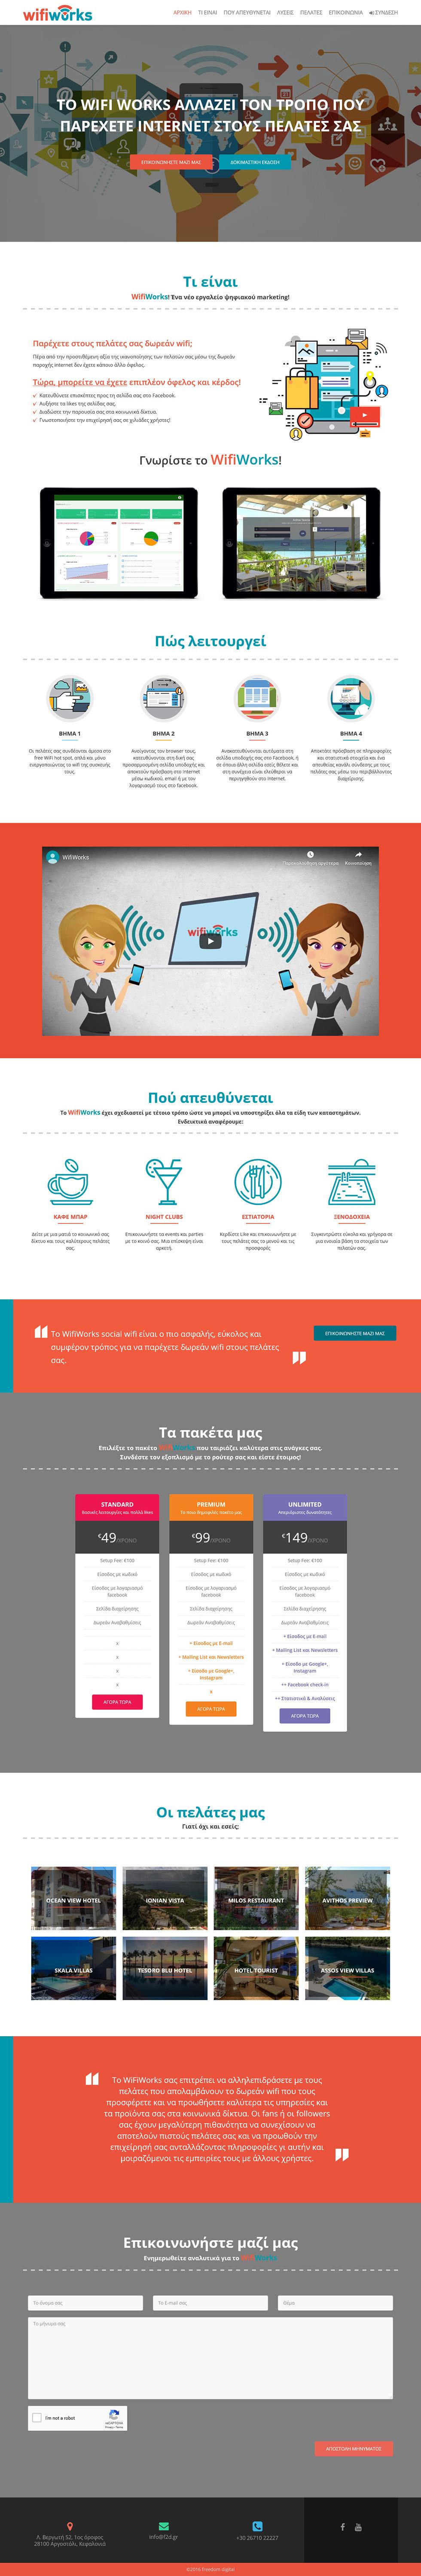 WifiWorks - Σχεδιασμός & Κατασκευή Ιστοσελίδας